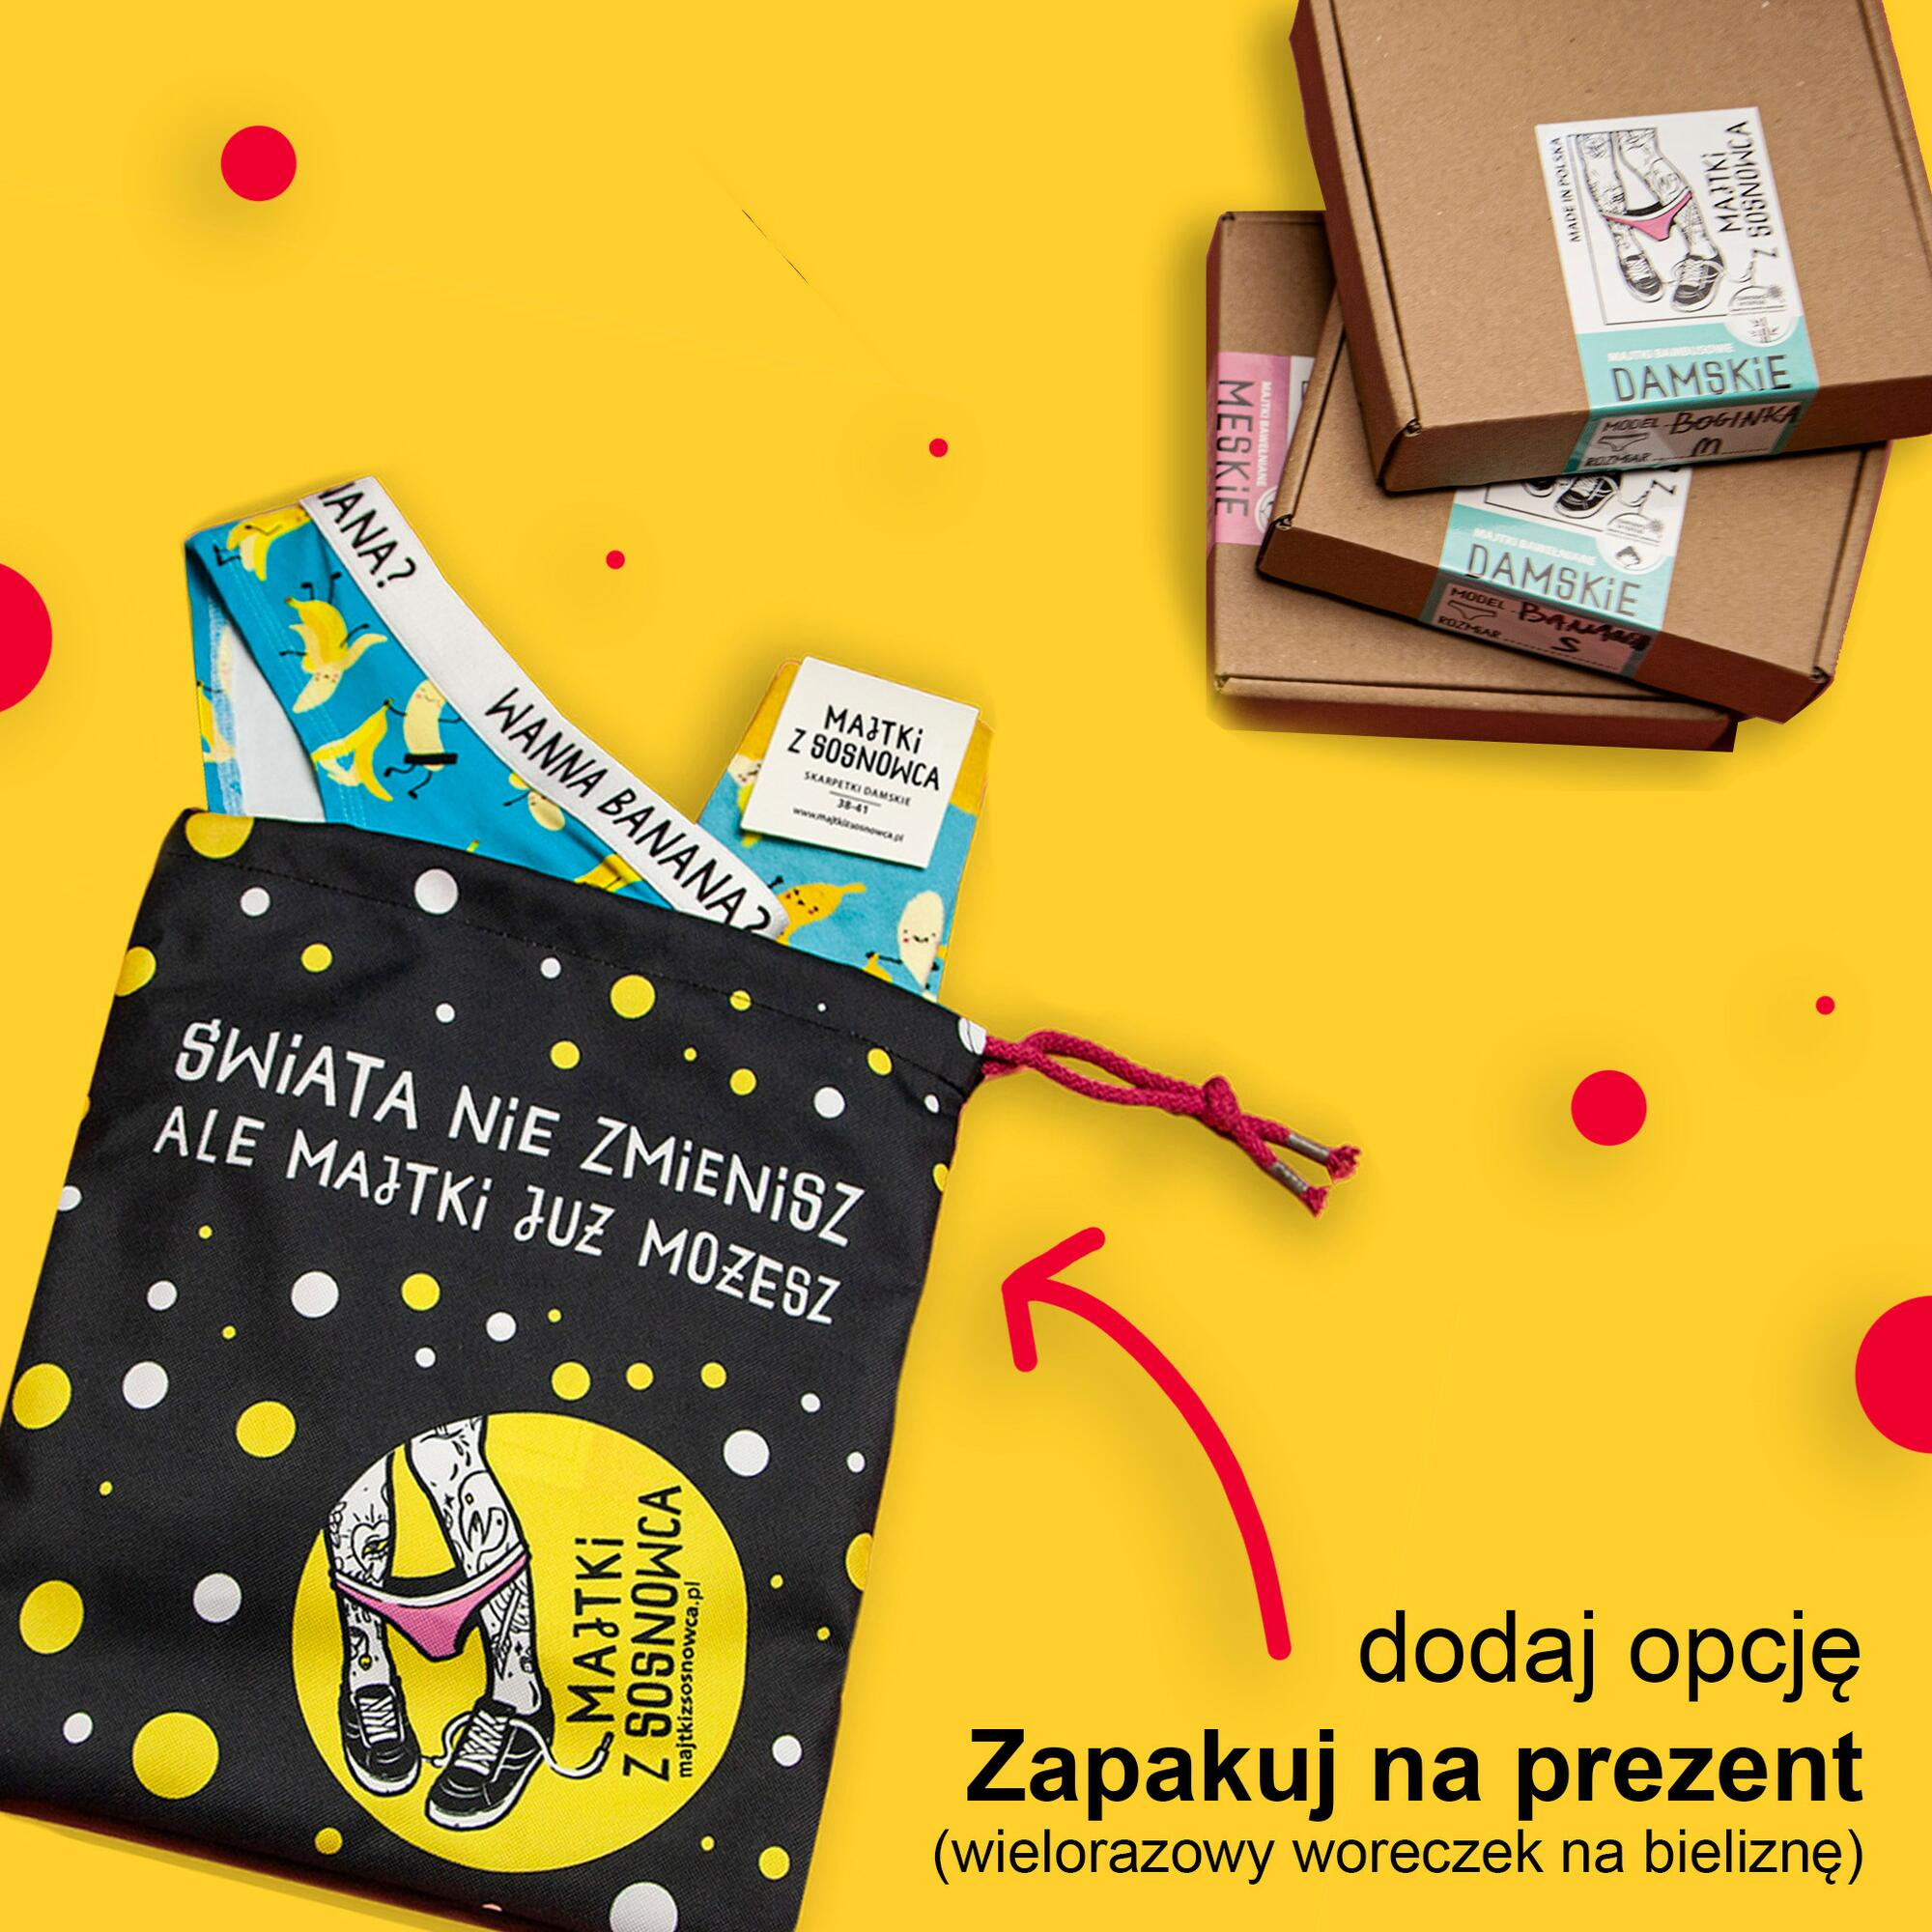 Kolarki - bawełniane - OCZY - Majtki z Sosnowca by After Panty   JestemSlow.pl